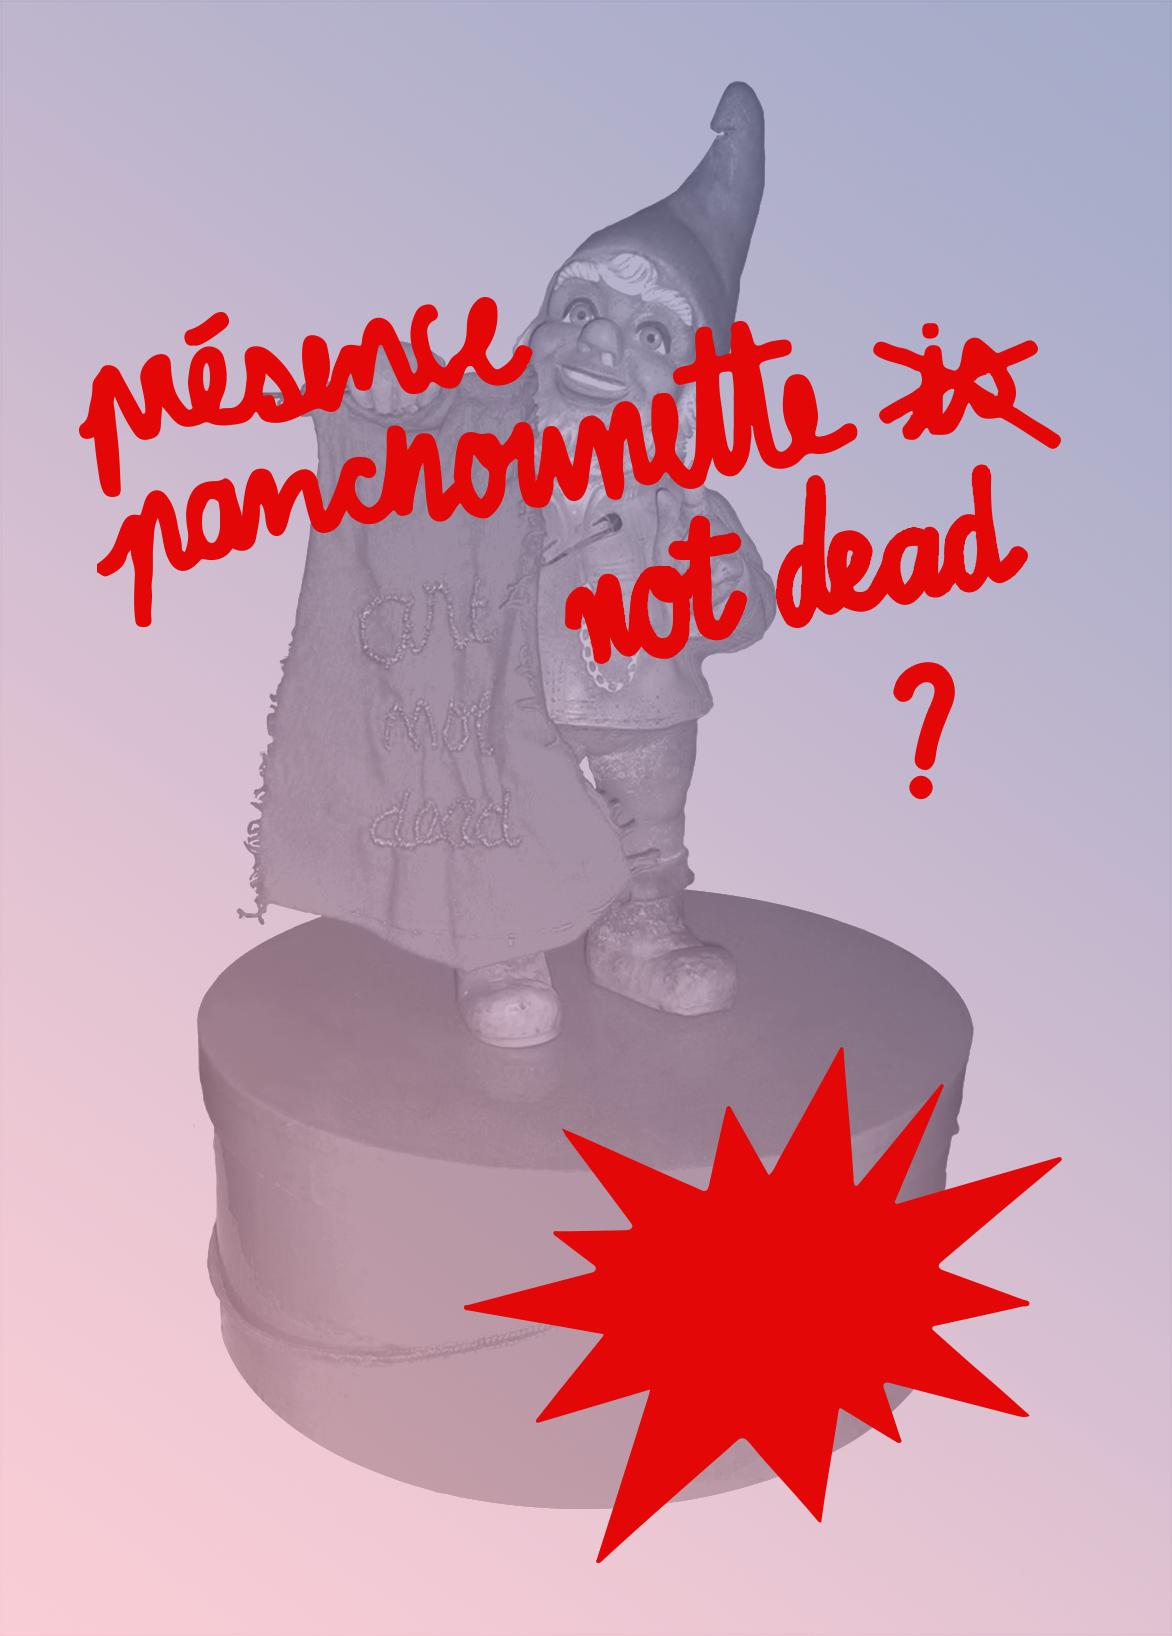 Présence Panchounette is not dead